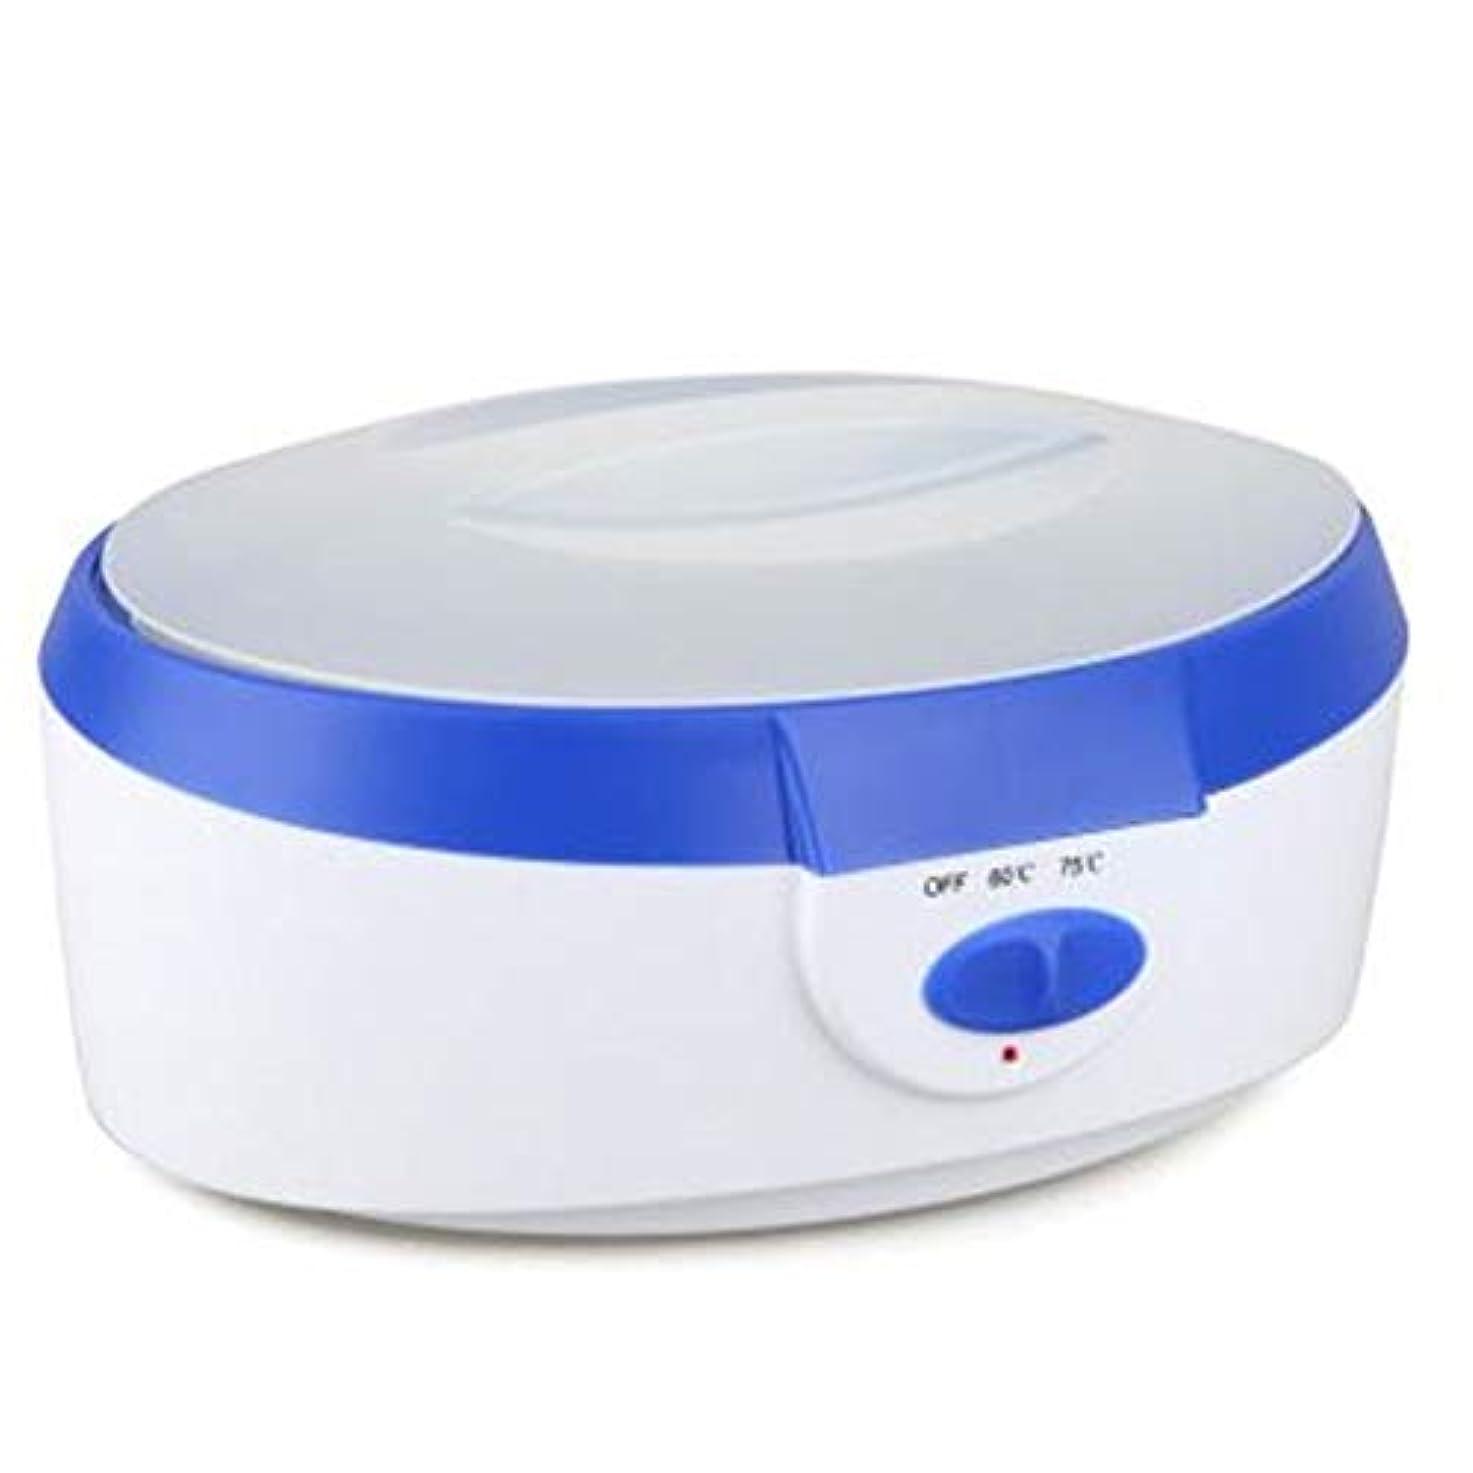 暗唱する退却ケーキ2.5Lパラフィンワックスのヒーターの皮の処置機械高容量の毛の取り外しのパラフィン暖房の鍋のワックスのウォーマーセット,ブルー